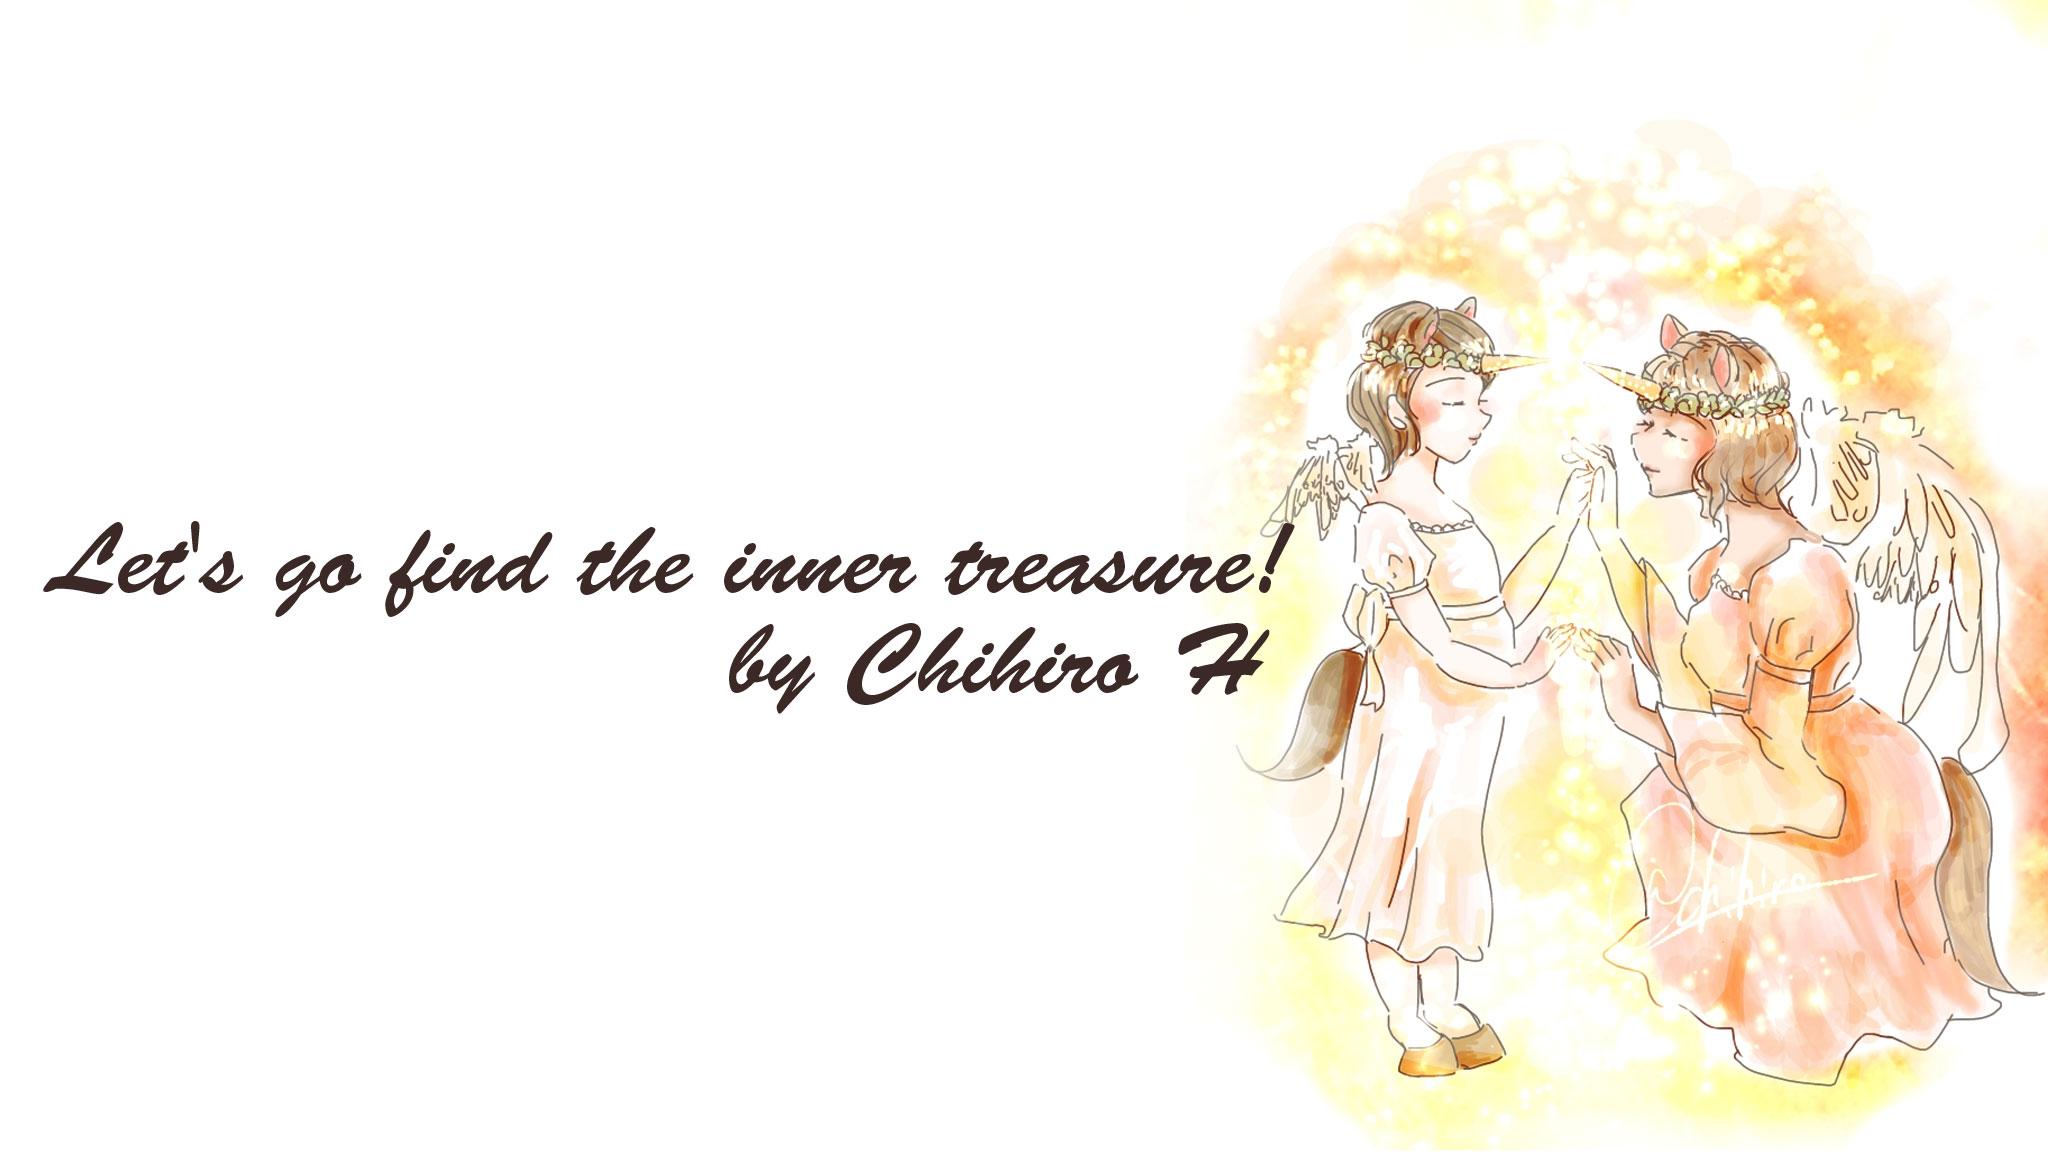 天使の小さな女の子と女性が対話するイラスト